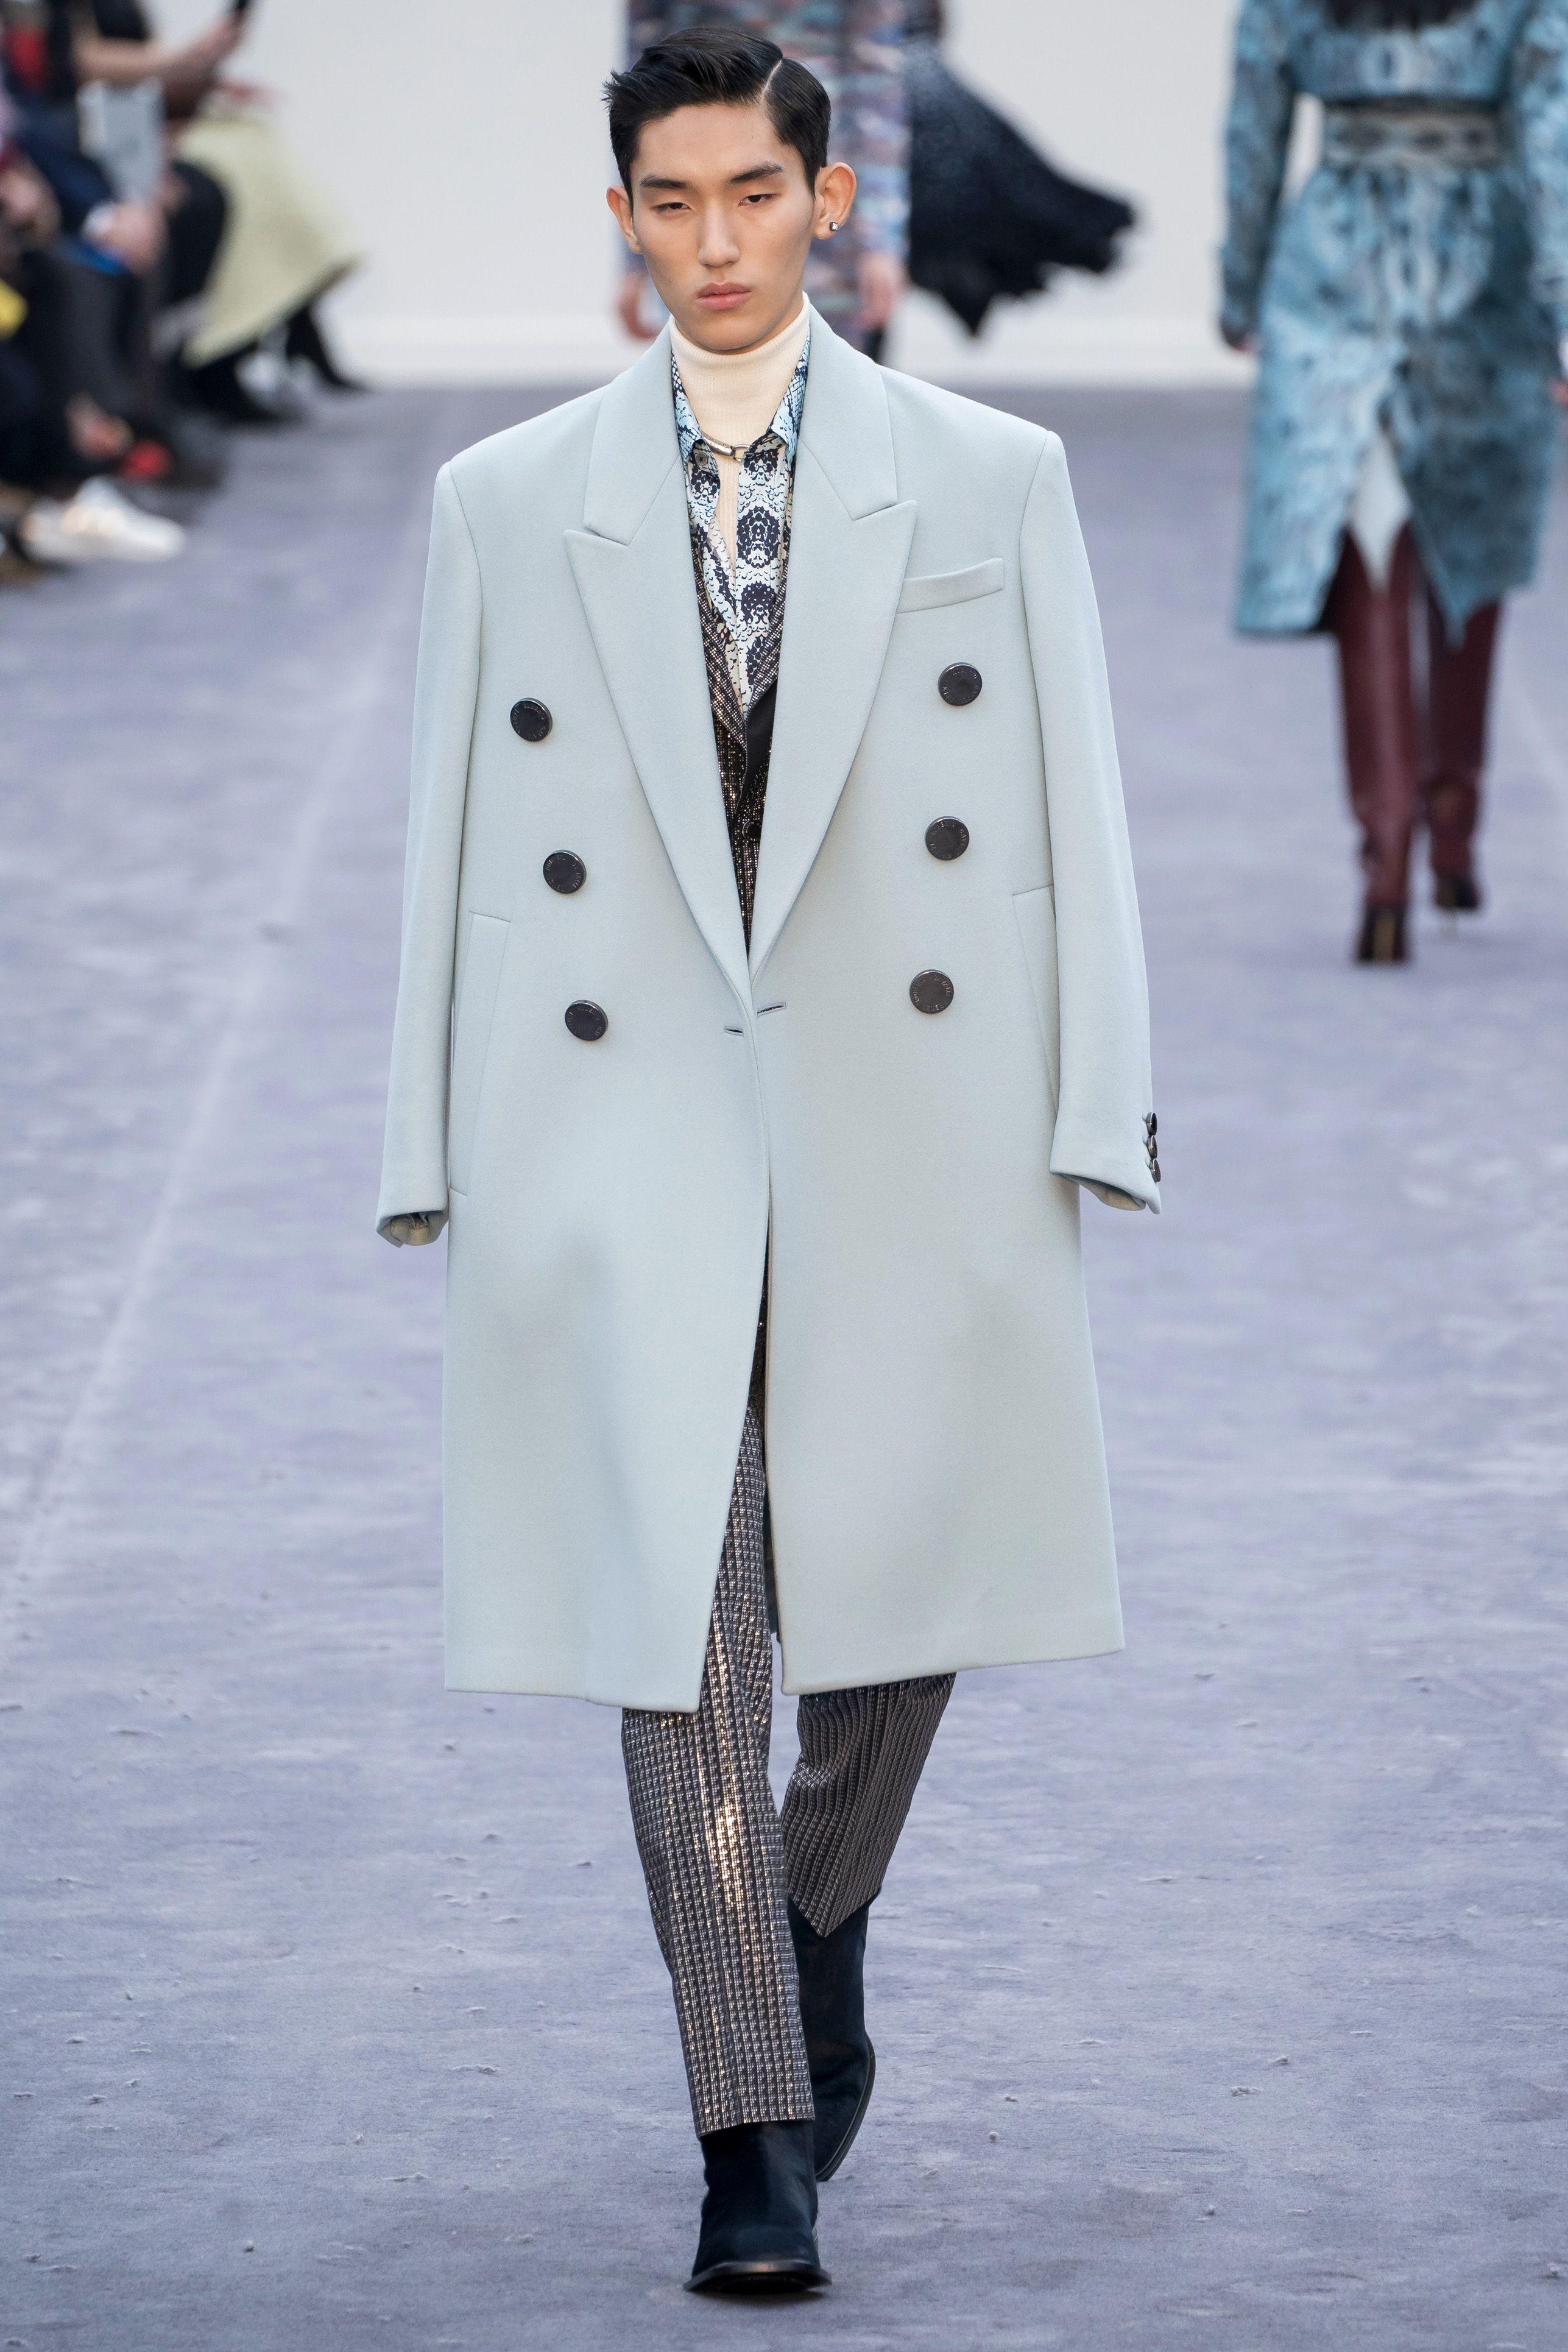 Giacca Da Camera Uomo Milano : L eleganza eccentrica nella moda uomo del prossimo inverno